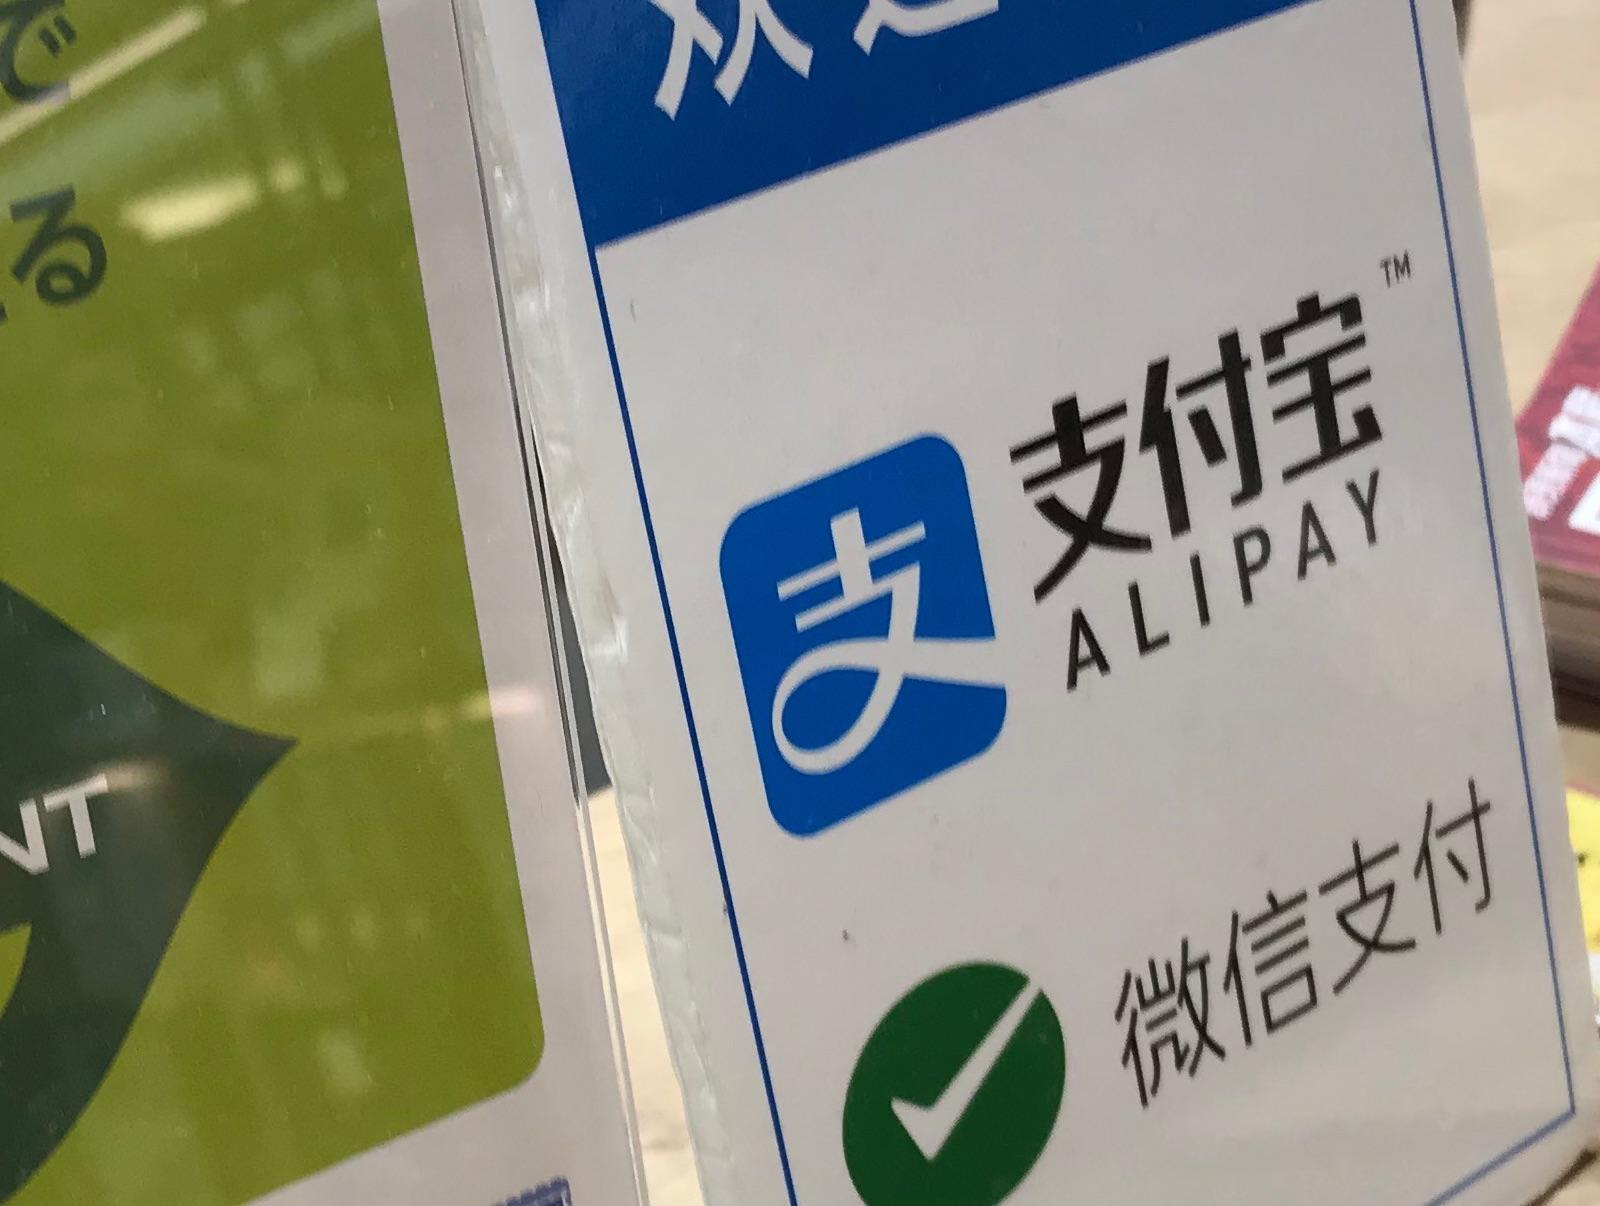 日本でもアリペイが利用できる店舗は増えつつある